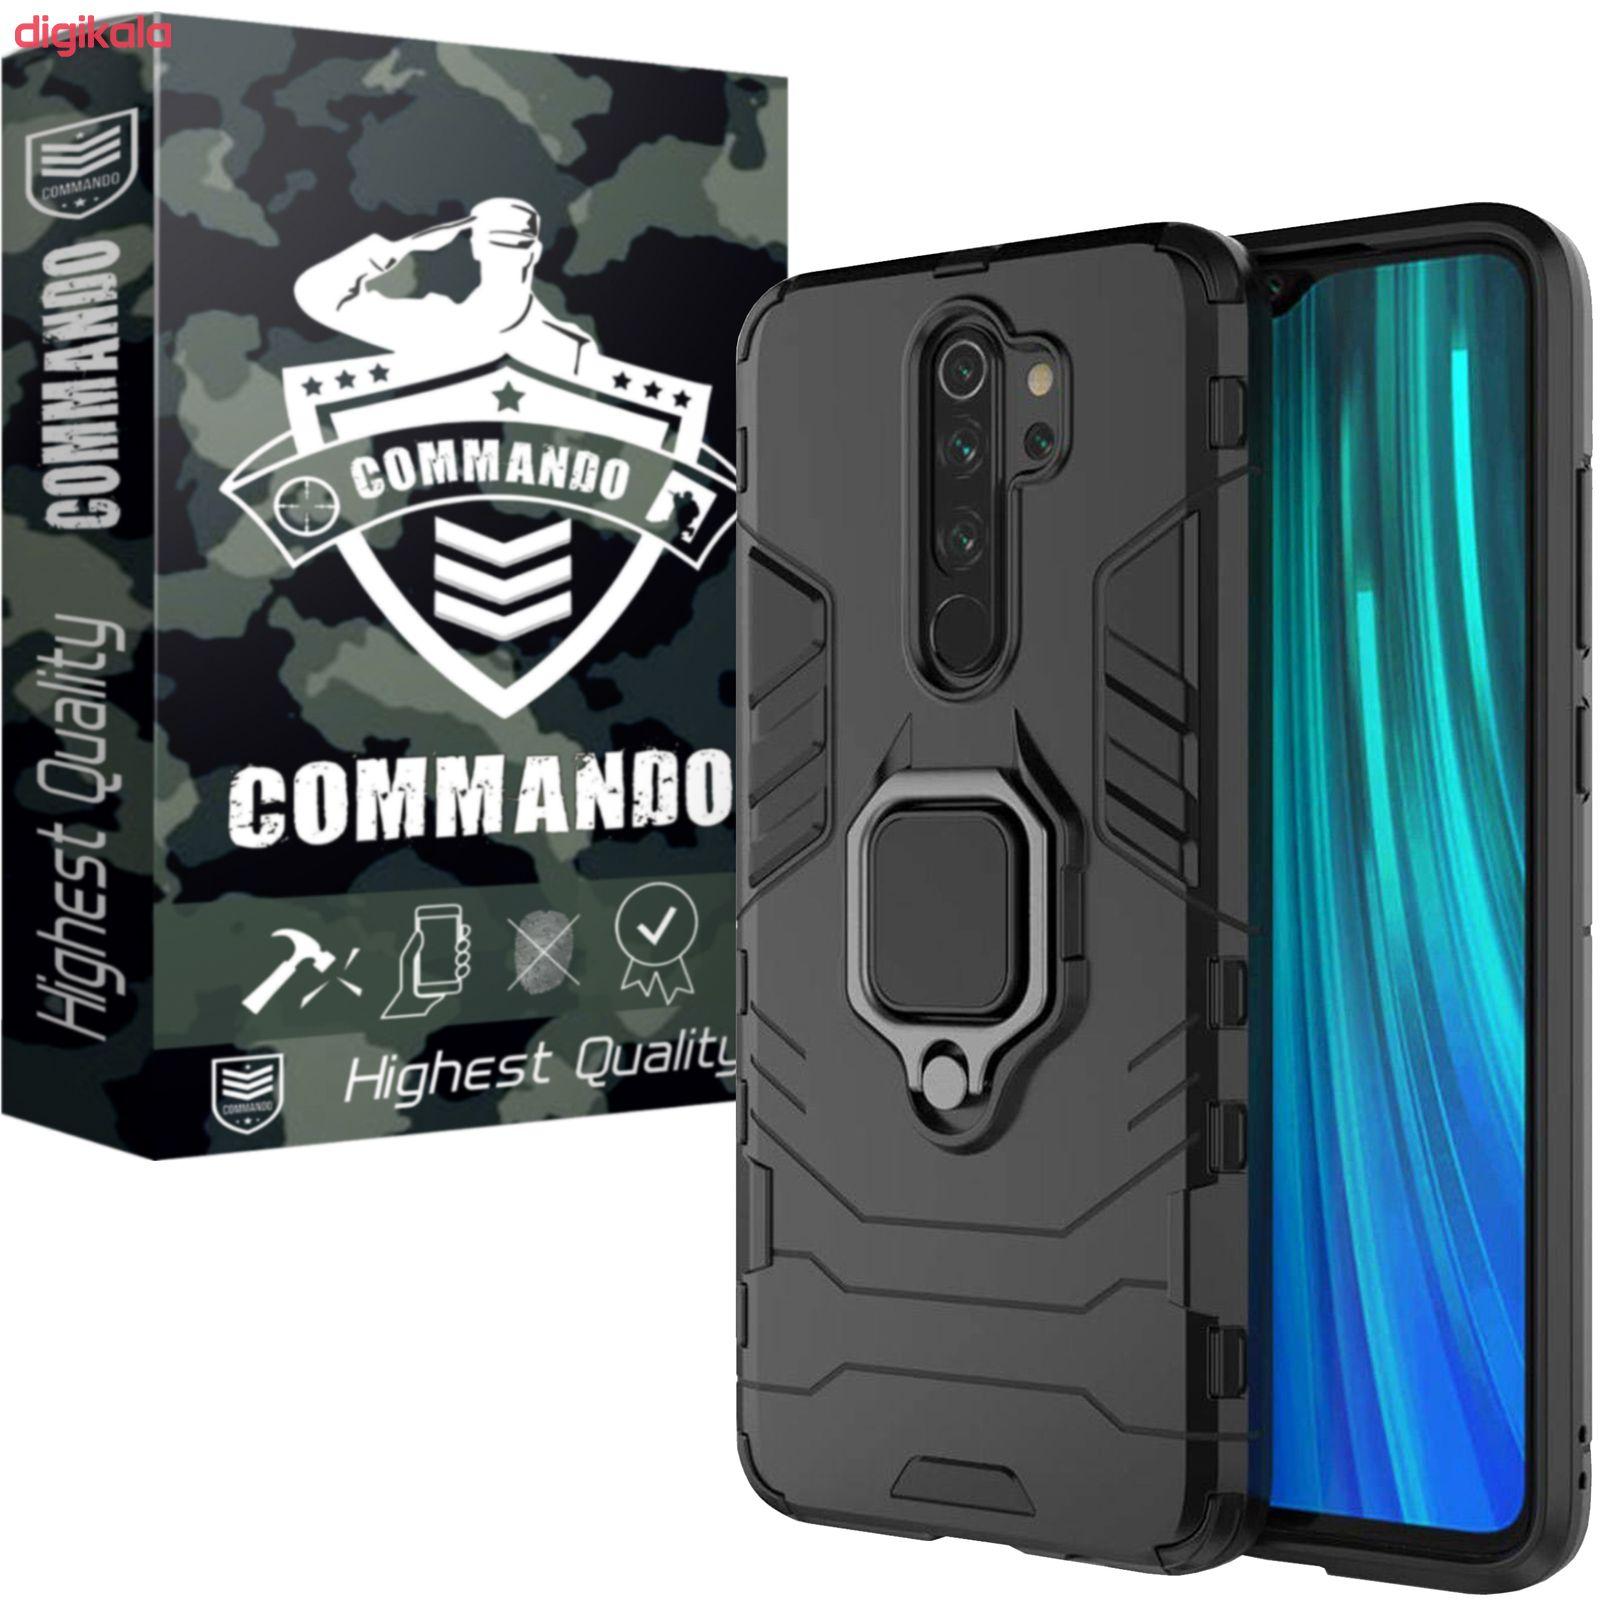 کاور کماندو مدل ASH21 مناسب برای گوشی موبایل شیائومی Redmi Note 8 Pro main 1 1